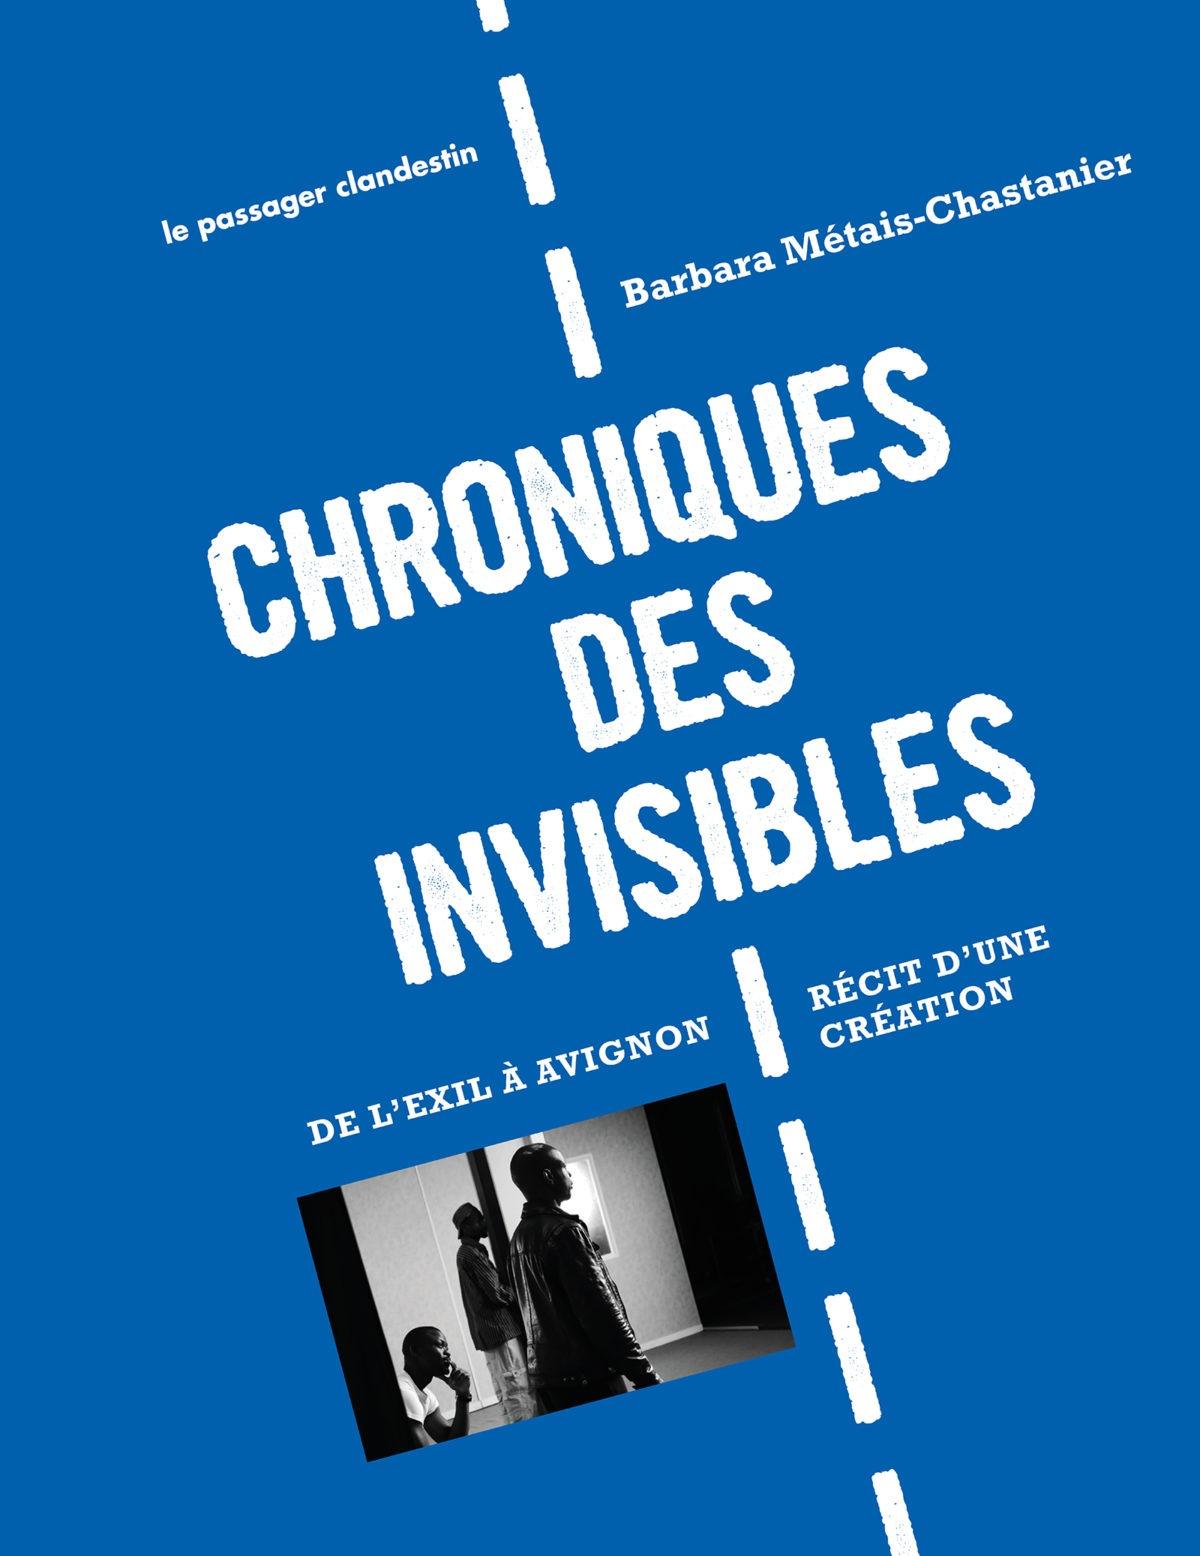 Chroniques des invisibles - De l'exil à Avignon. Récit d'une création